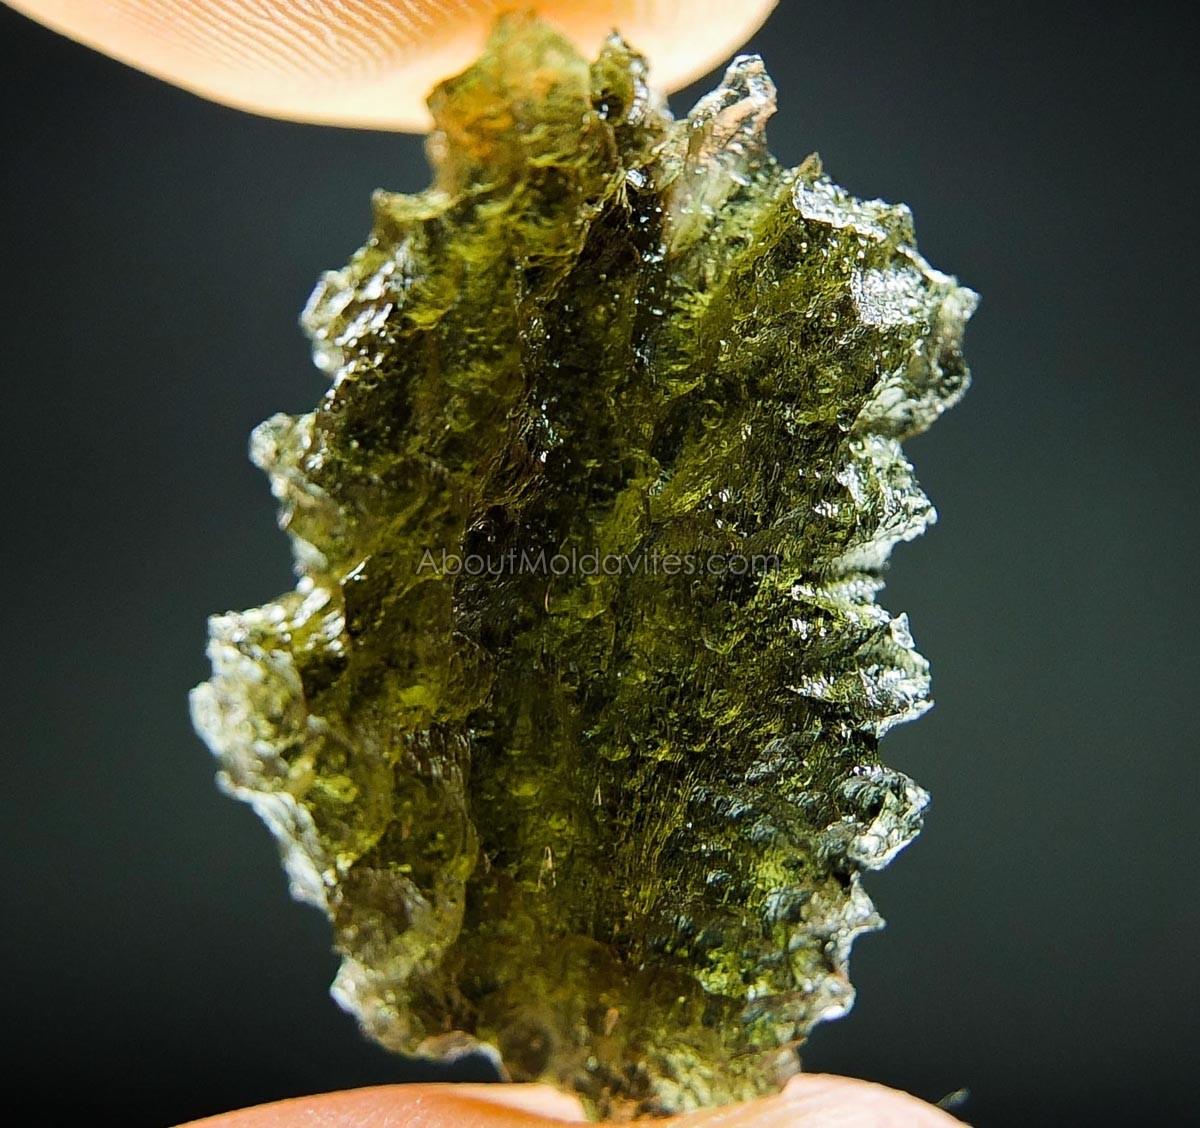 Moldavite - like hedgehog - from Nesmen